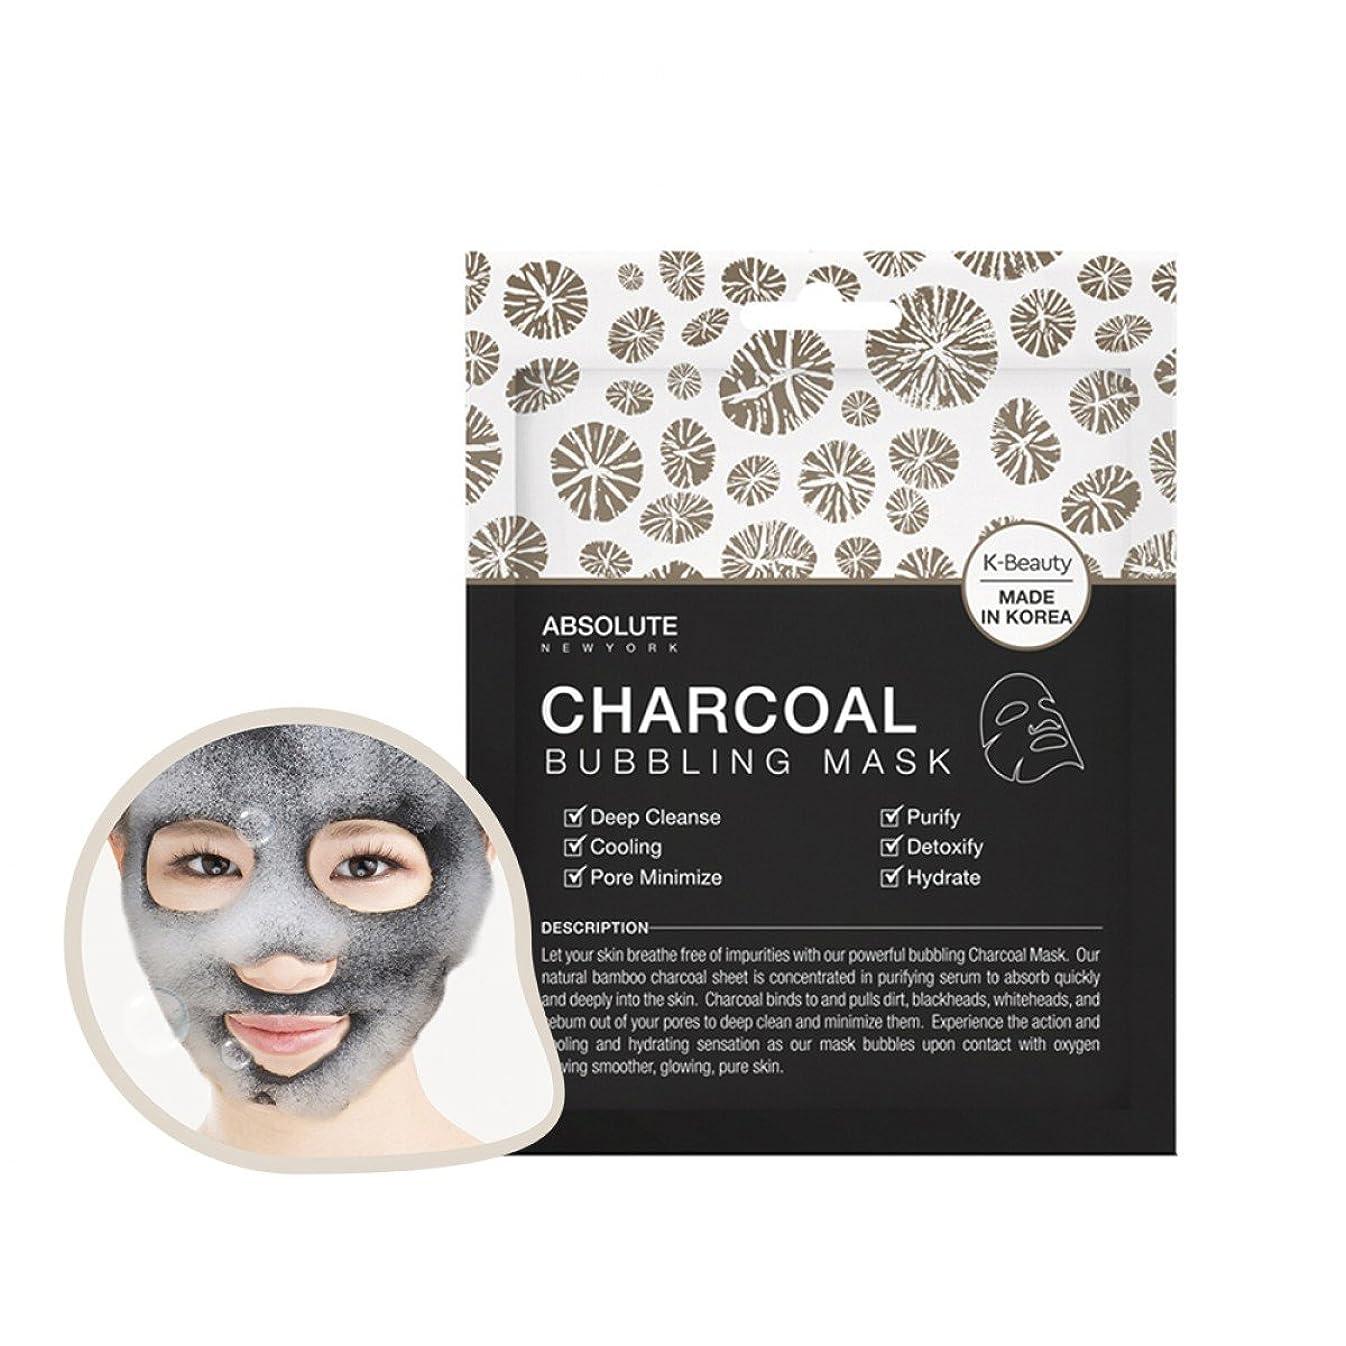 混乱オフ幸運(3 Pack) ABSOLUTE Charcoal Bubbling Mask (並行輸入品)